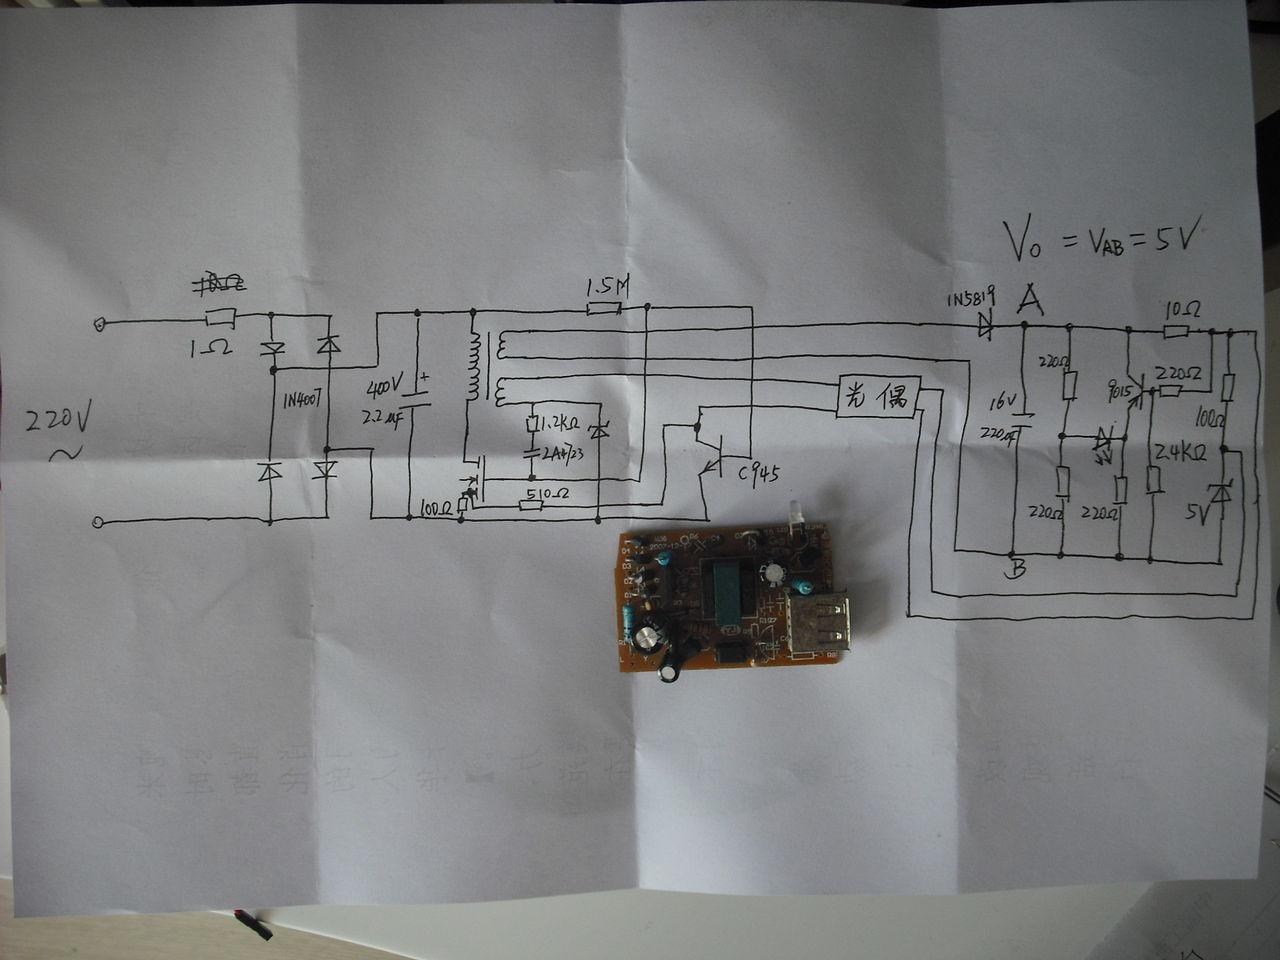 开关电源(手机充电器)电路图,工作原理是什么?靠c945起振?